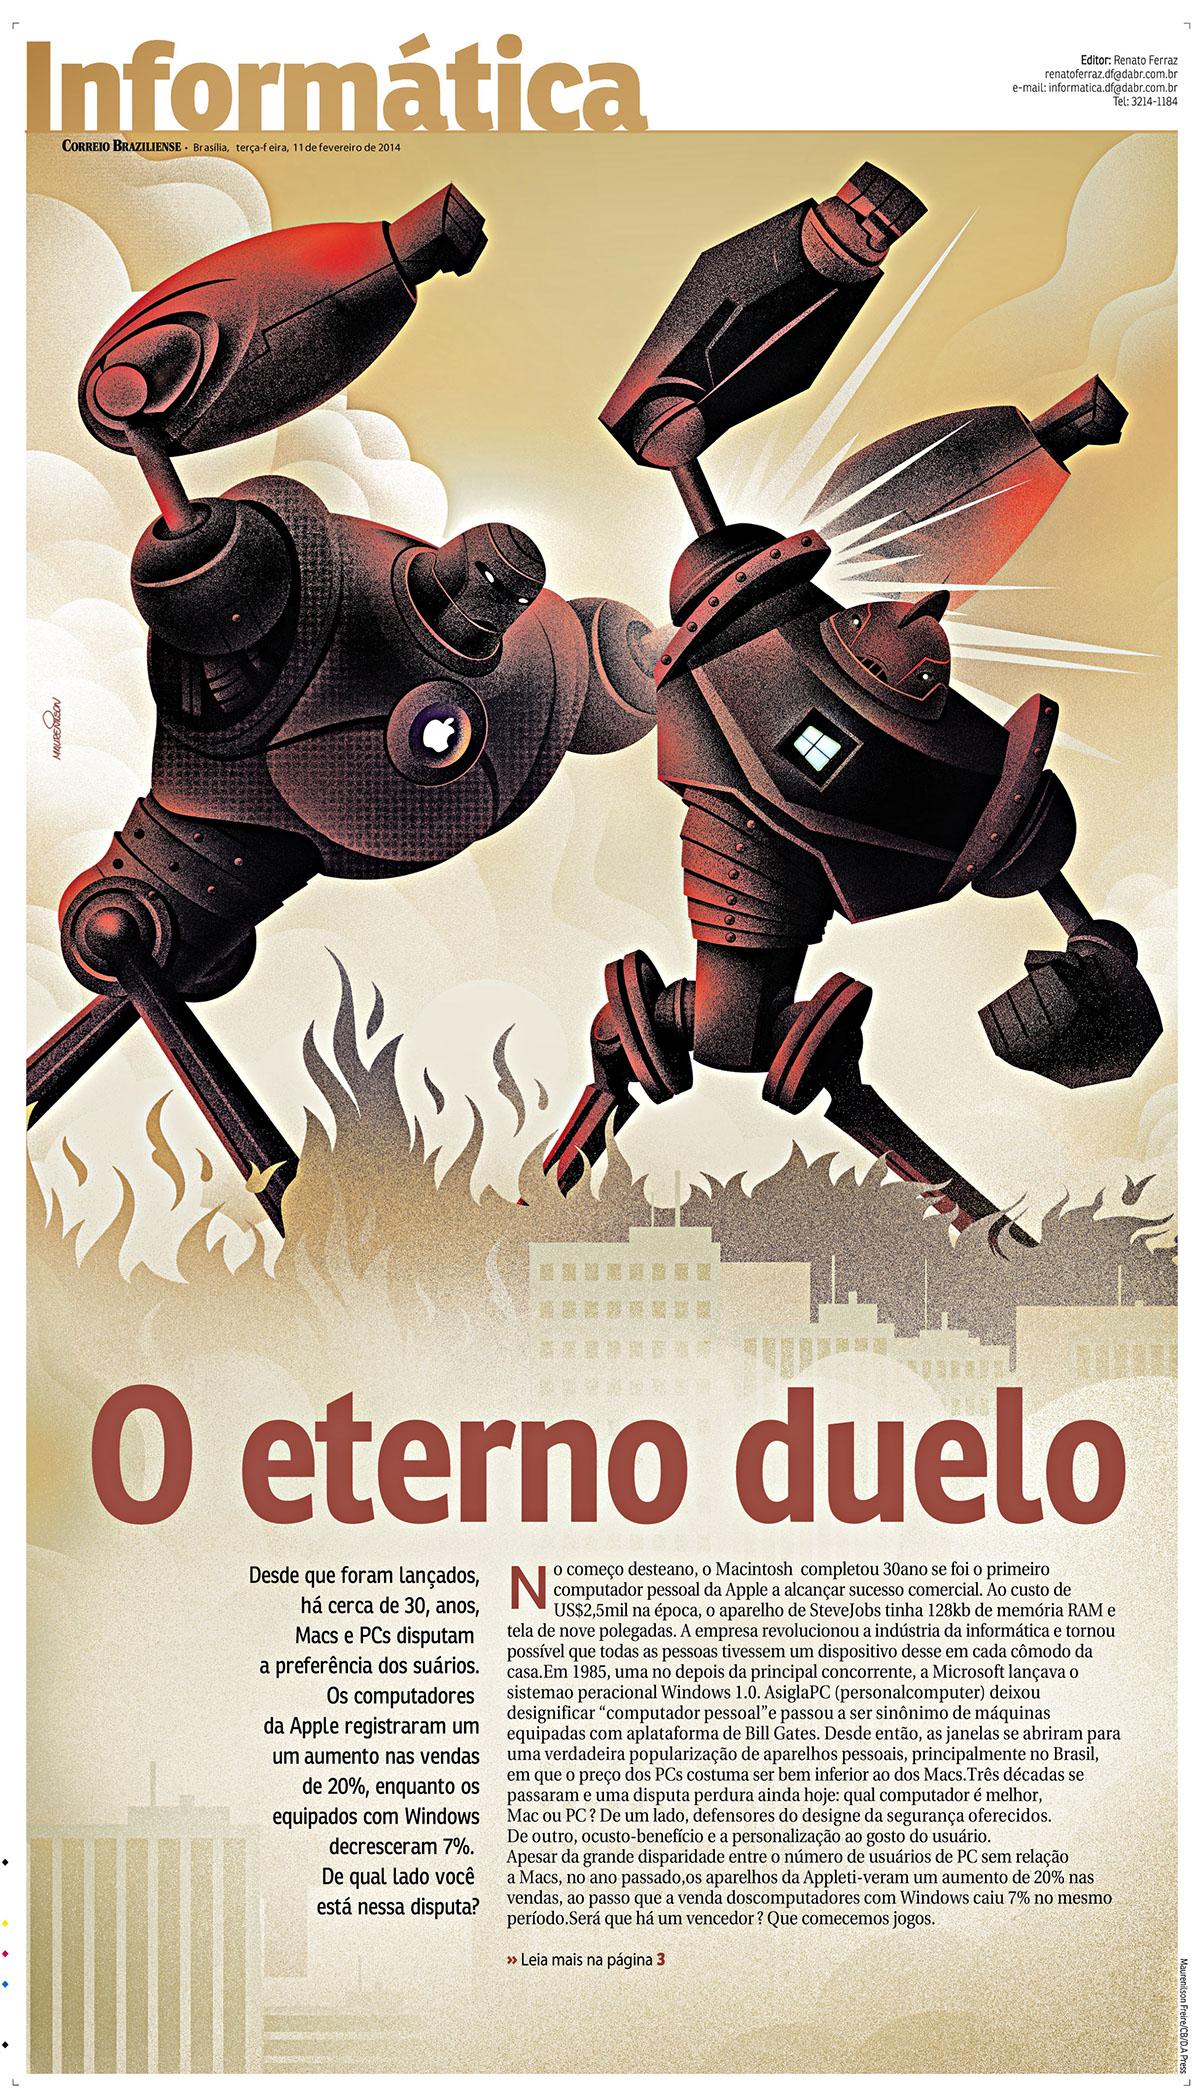 Maurenilson Freire ilusratio Correio Braziliense